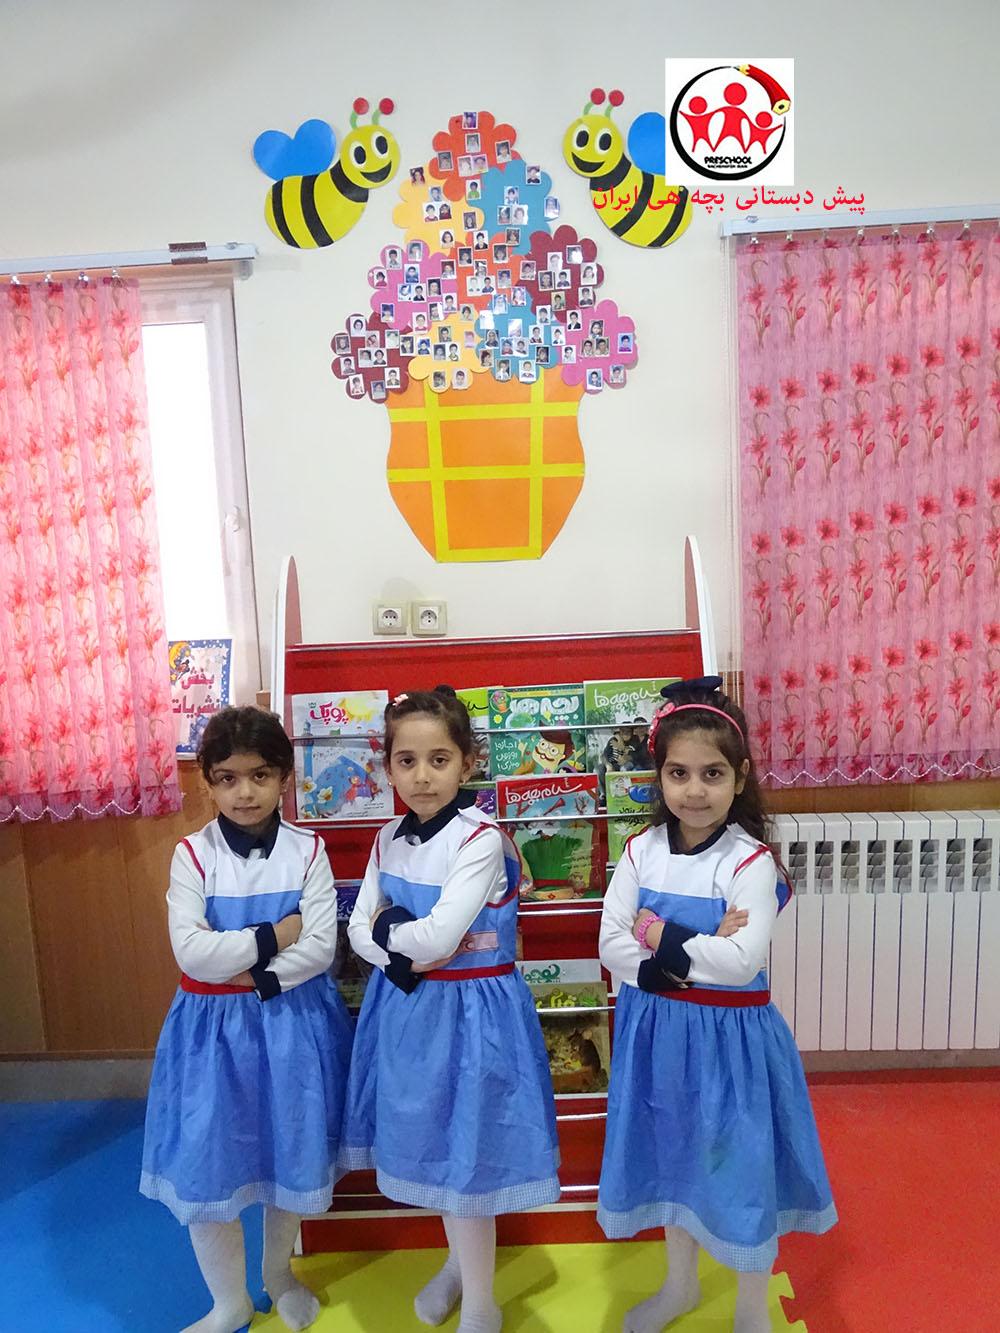 بازدید از کتابخانه شهید مدنی کازرون آبان ماه